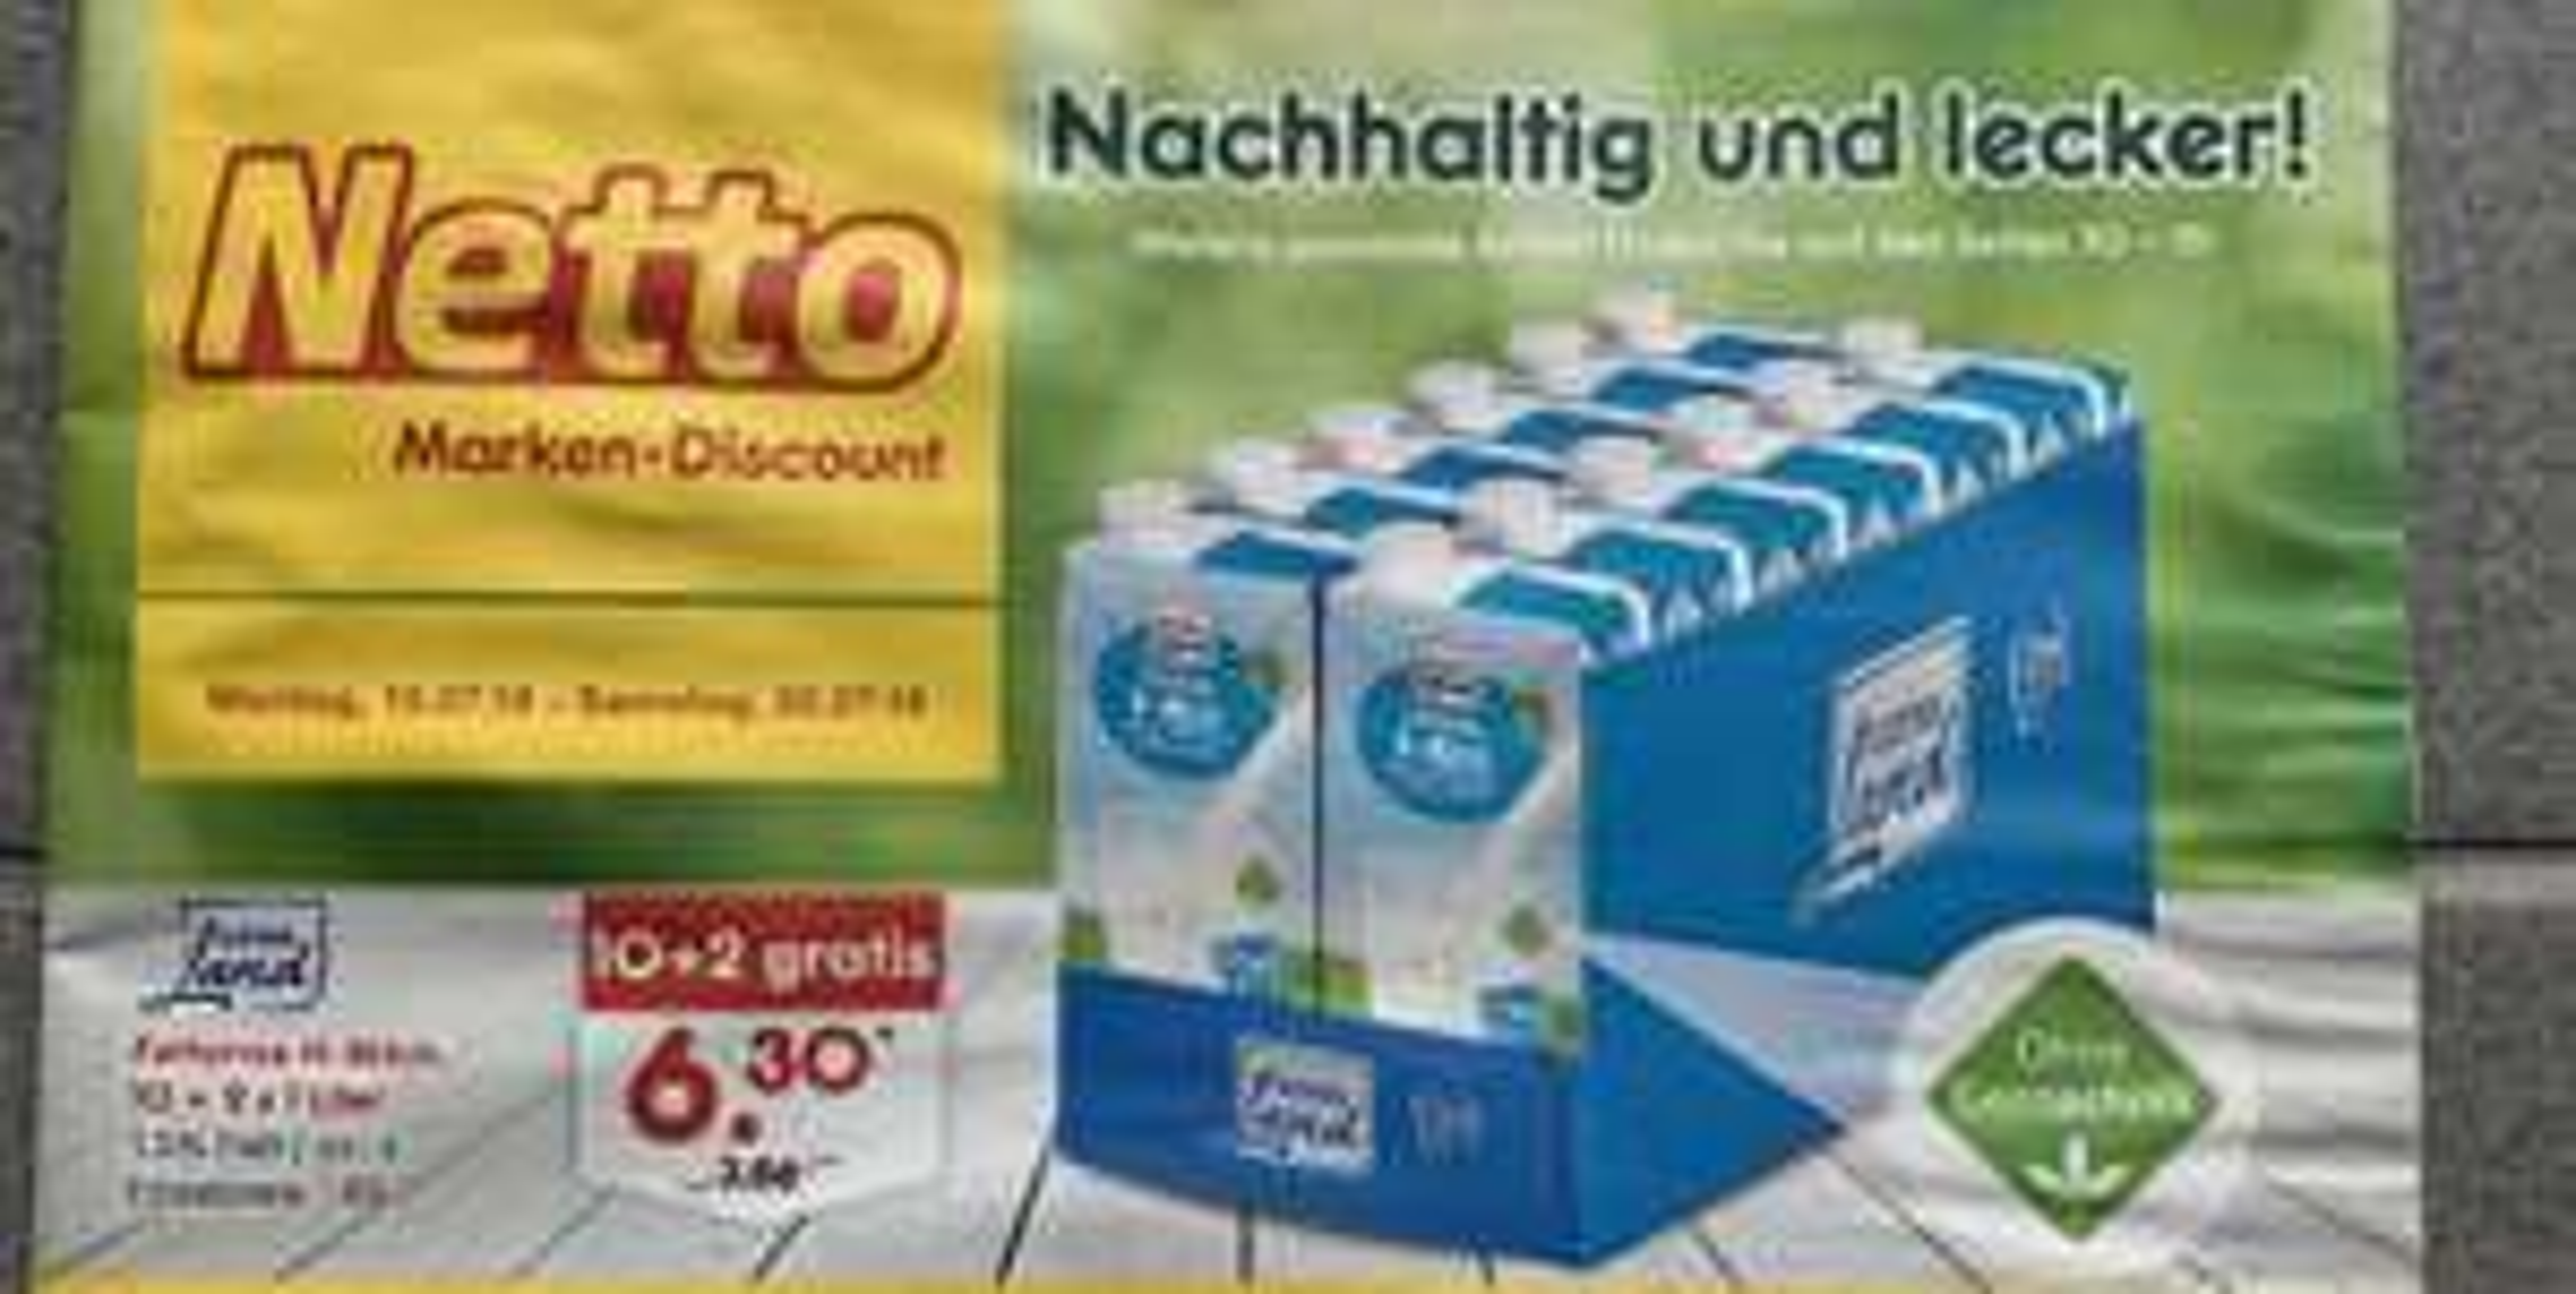 [Netto MD]- Fettarme H-Milch 12×1 Liter für 6.30€ (0,53€ / Liter) ab 15.07.2019